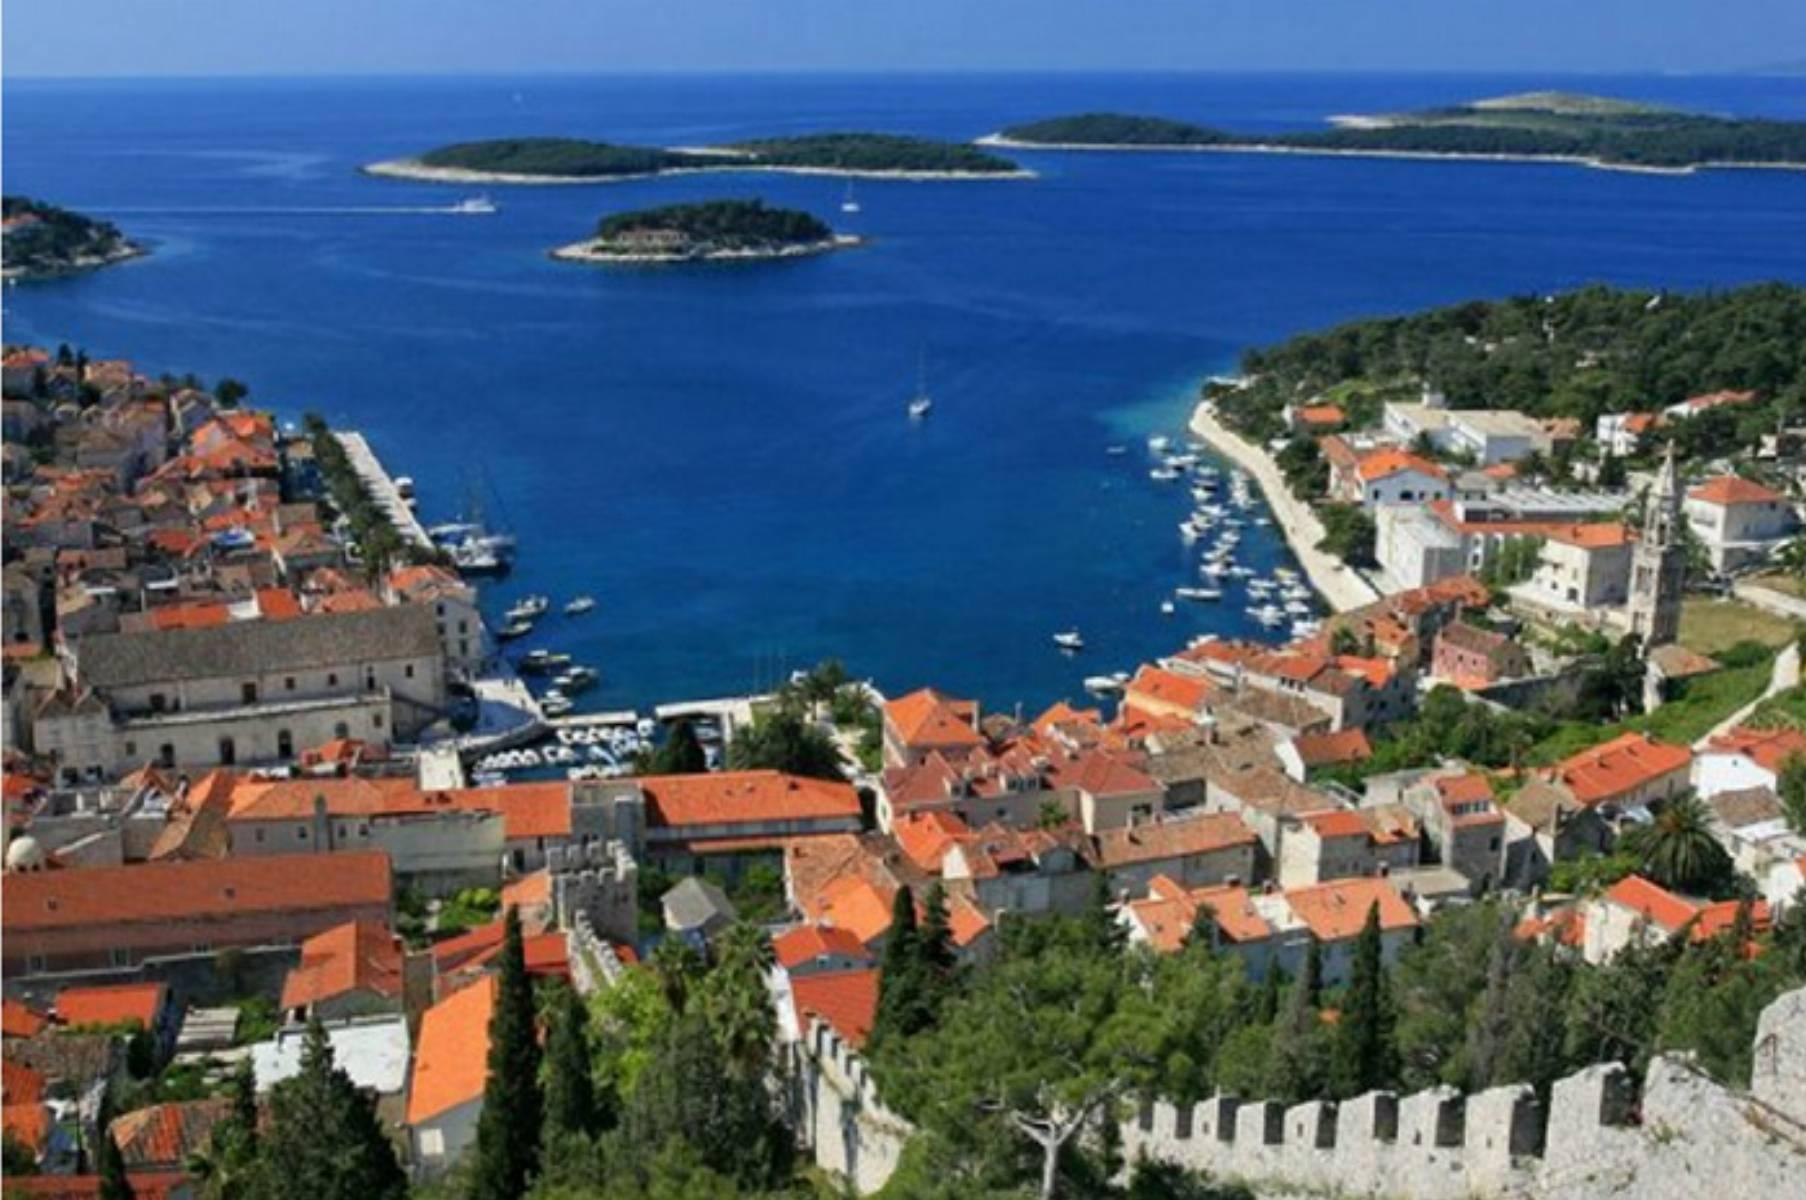 Chorwacja kwatery prywatne wrzesień ceny biletów tlk